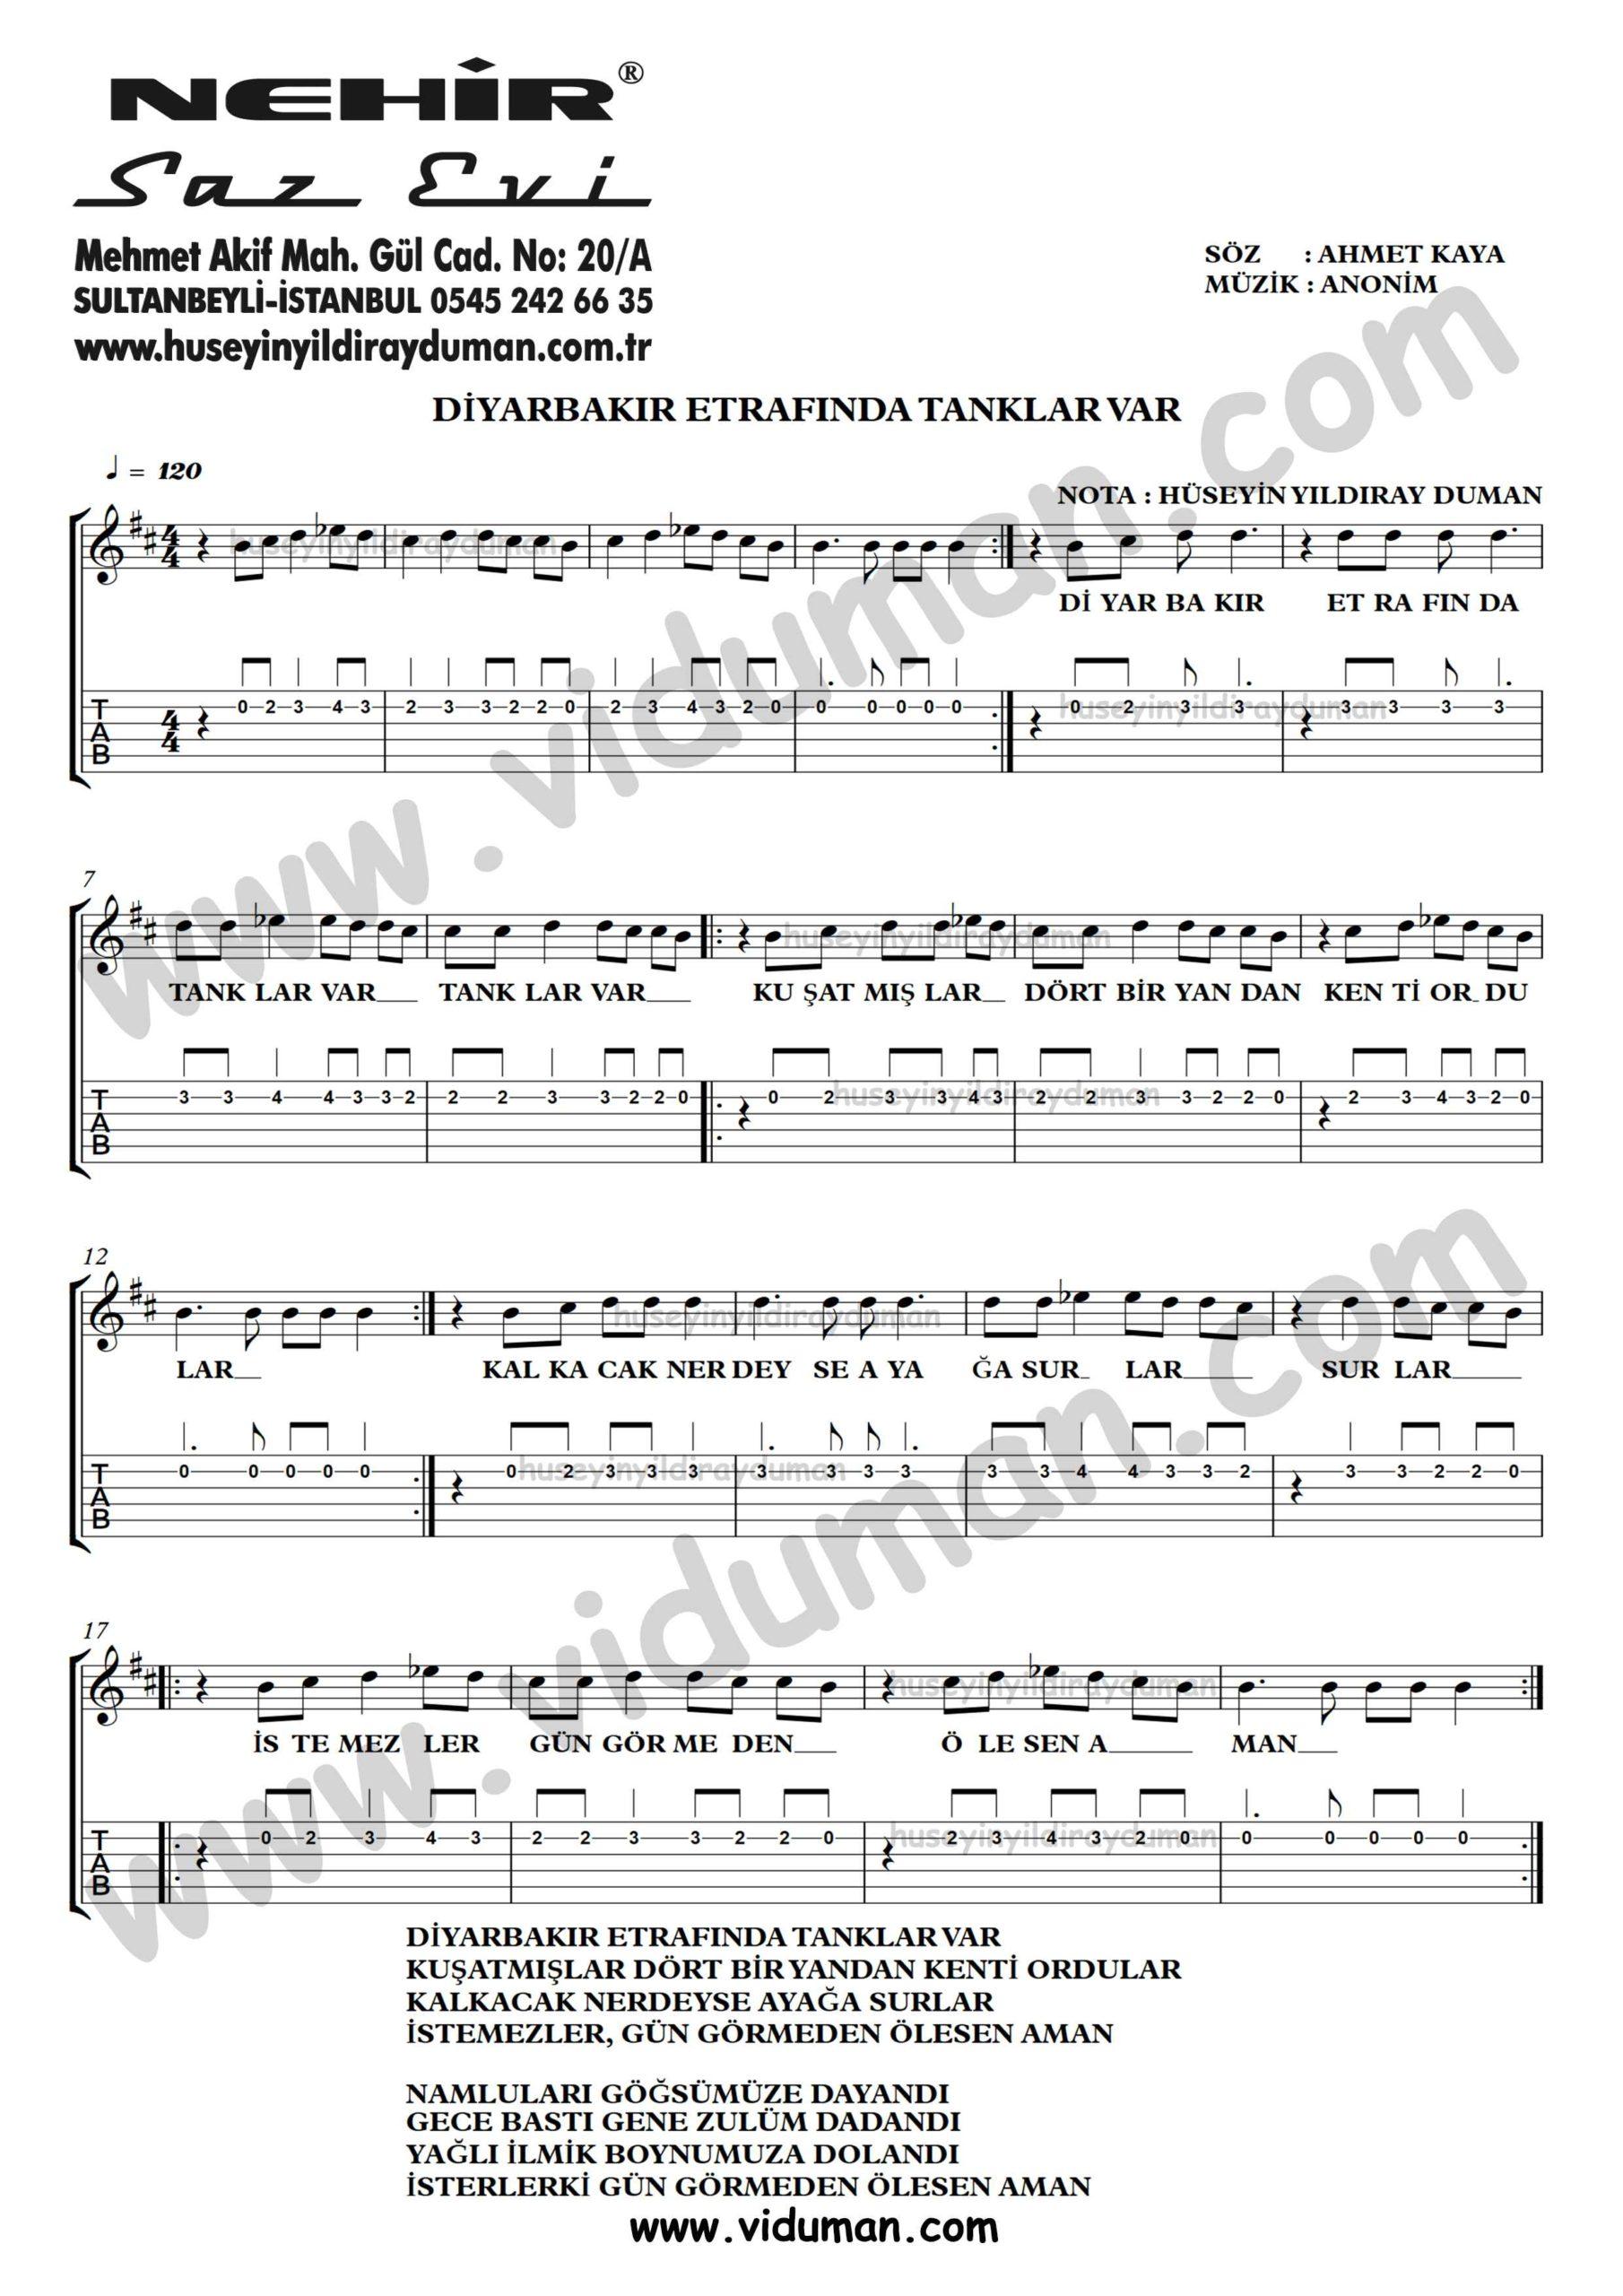 Diyarbakir Etrafinda Tanklar Var-Ahmet Kaya-Gitar Tab-Solo Notalari